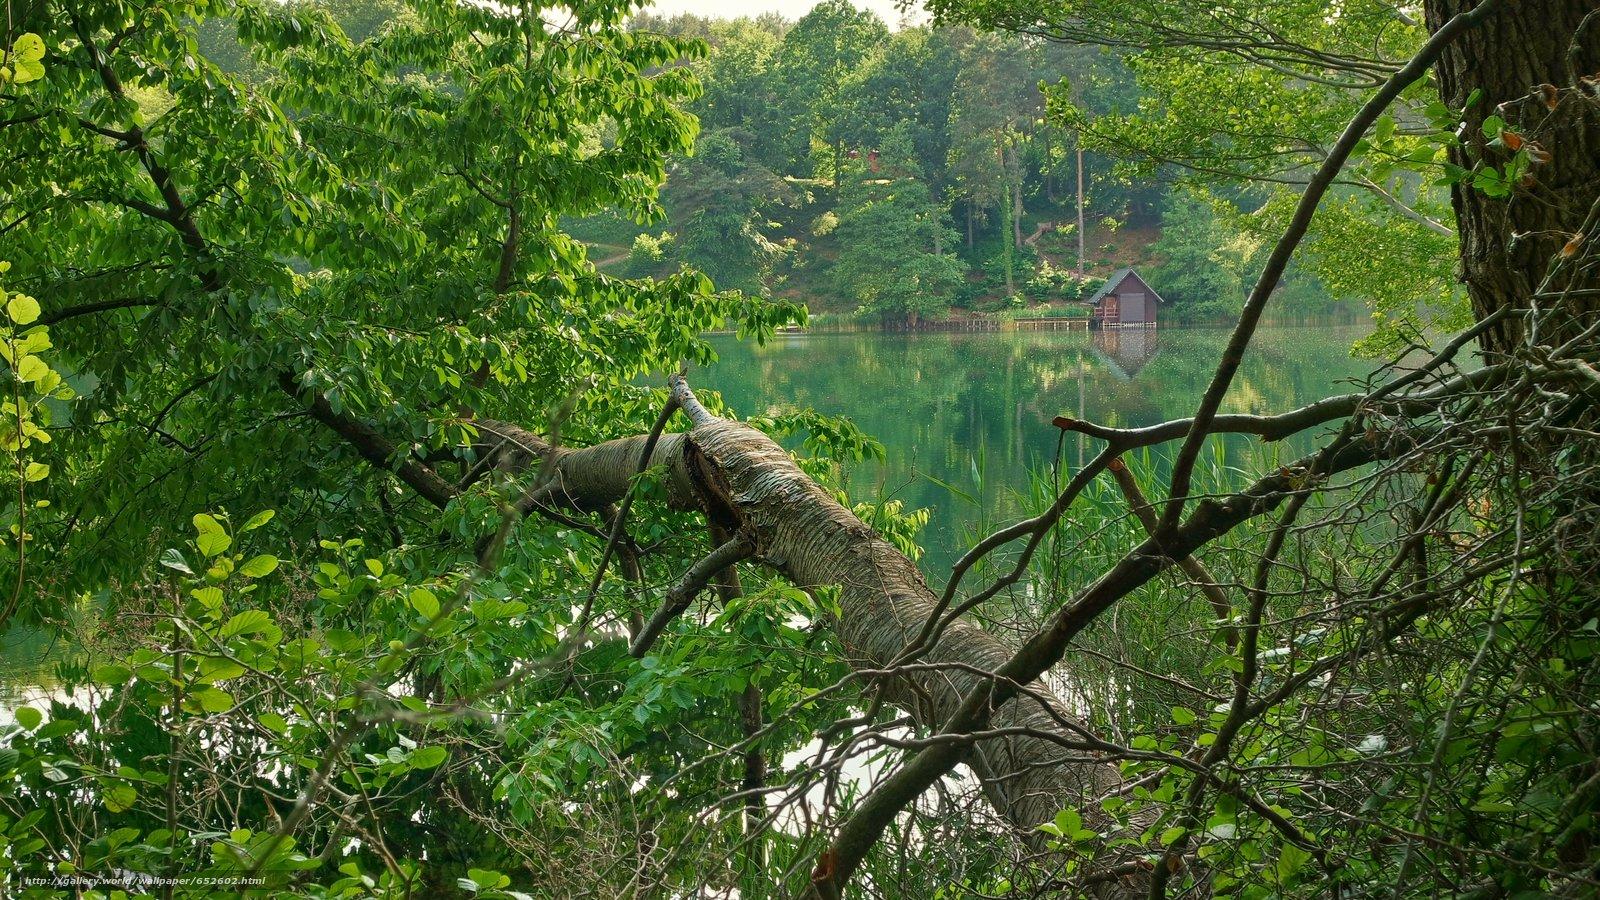 scaricare gli sfondi lago,  alberi,  cabina,  paesaggio Sfondi gratis per la risoluzione del desktop 5090x2863 — immagine №652602